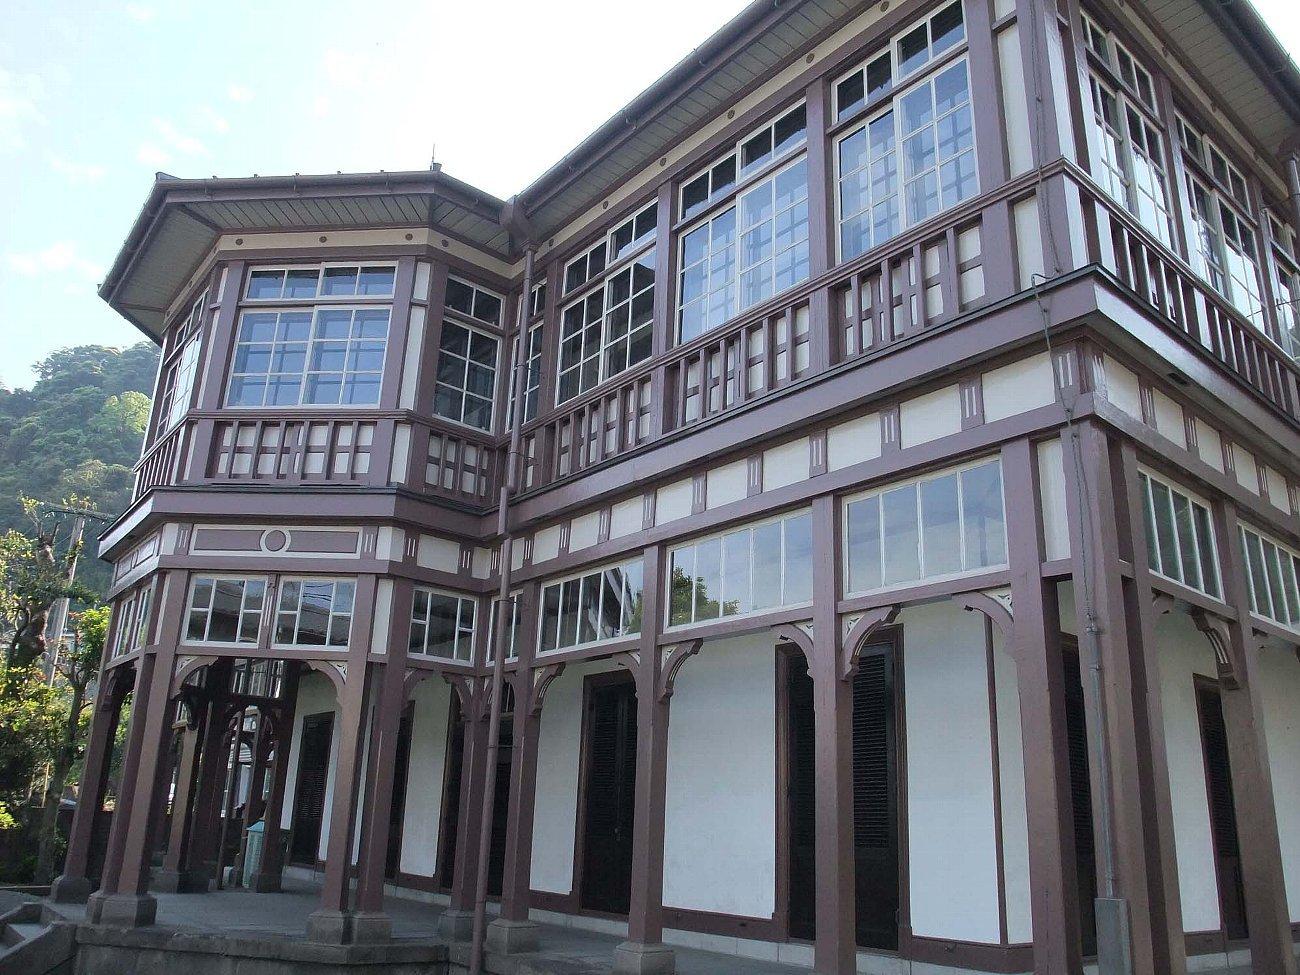 鹿児島市内の近代建築をバスの車窓から_c0112559_08174251.jpg